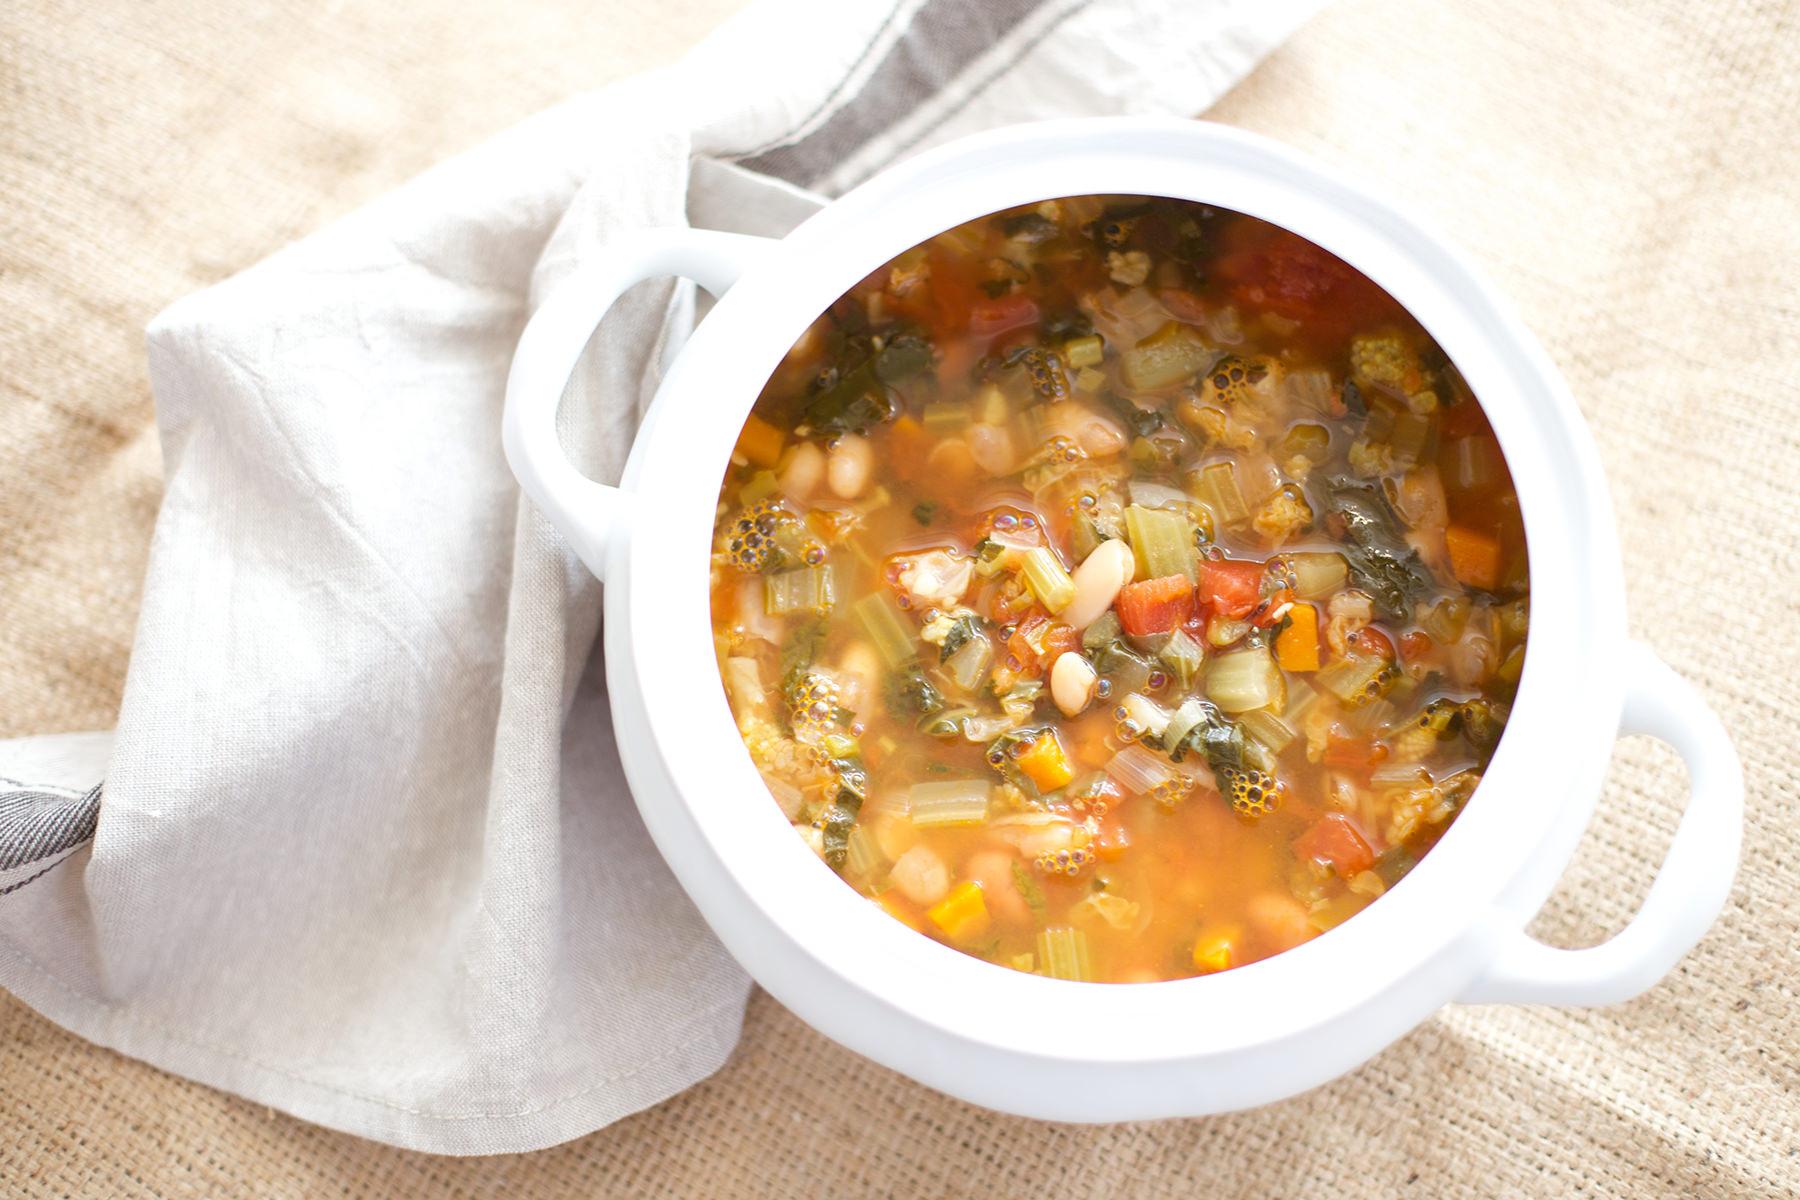 Historia de una sopa minestrone